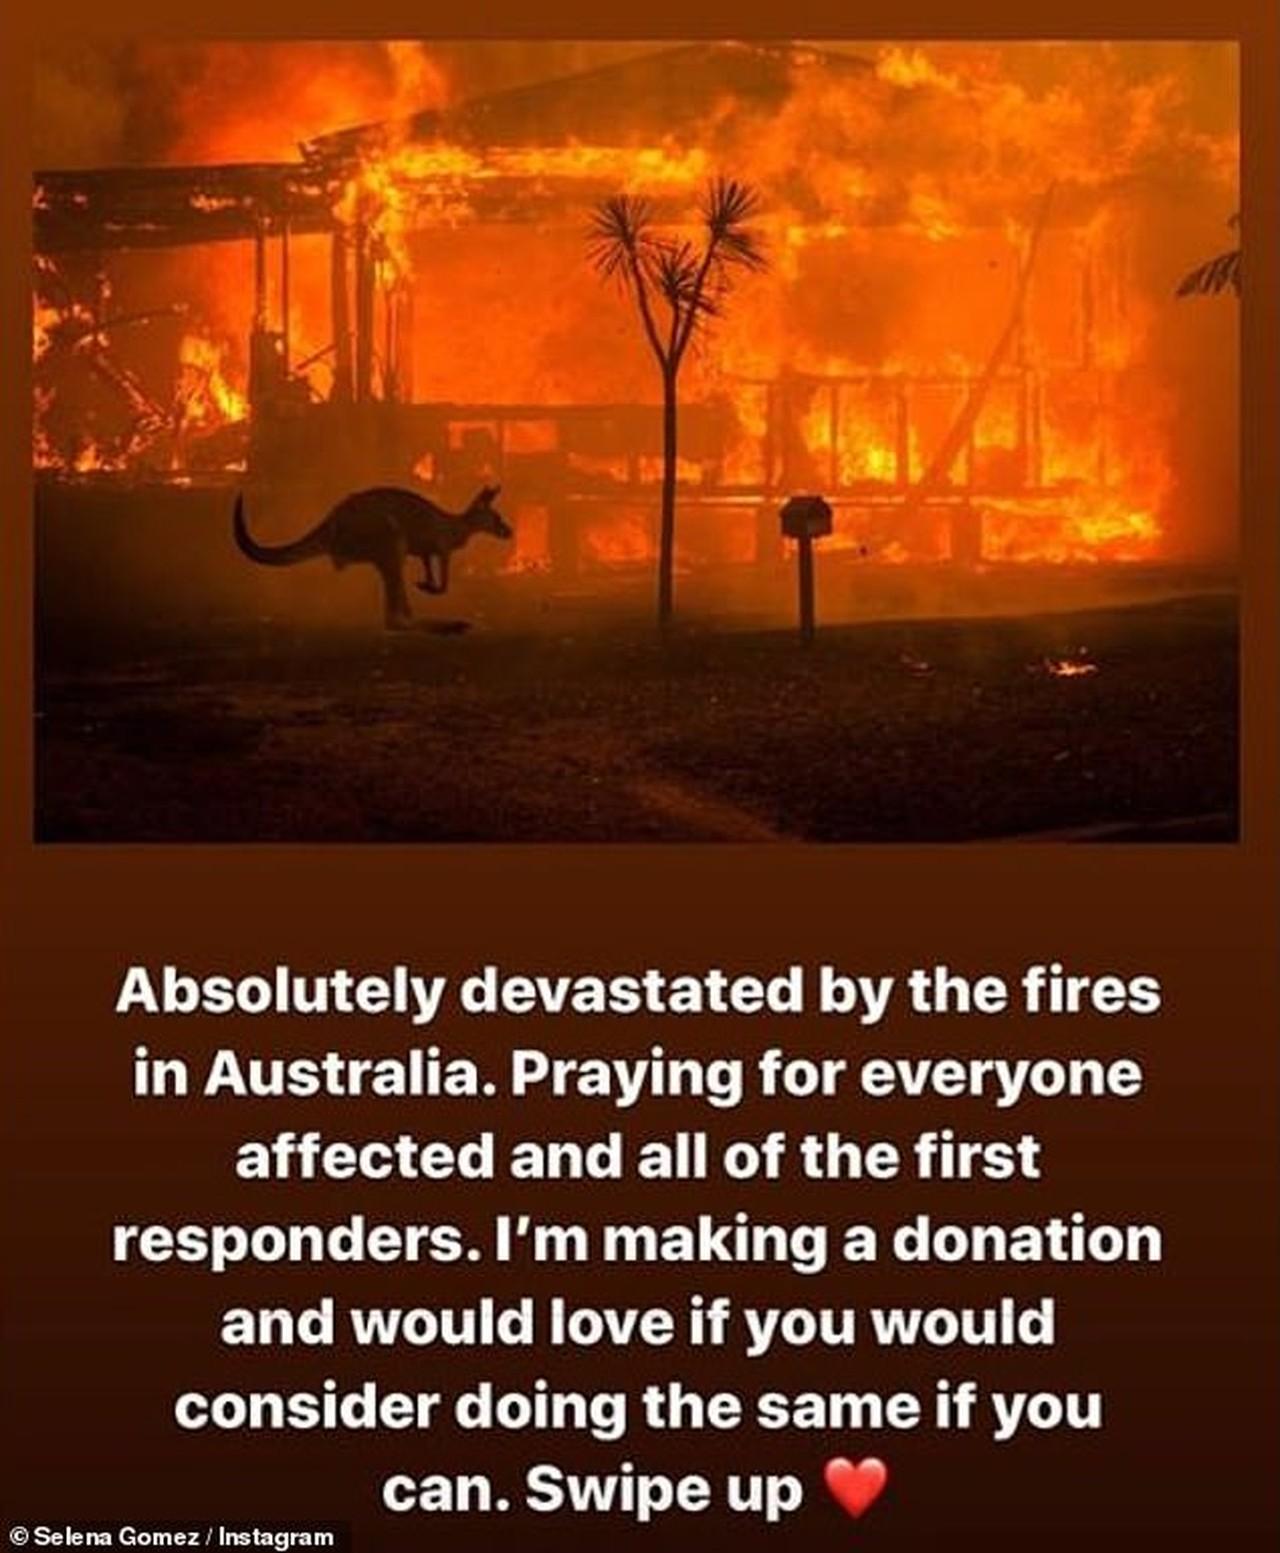 pink doação equipe de resgate incêndios florestais austrália